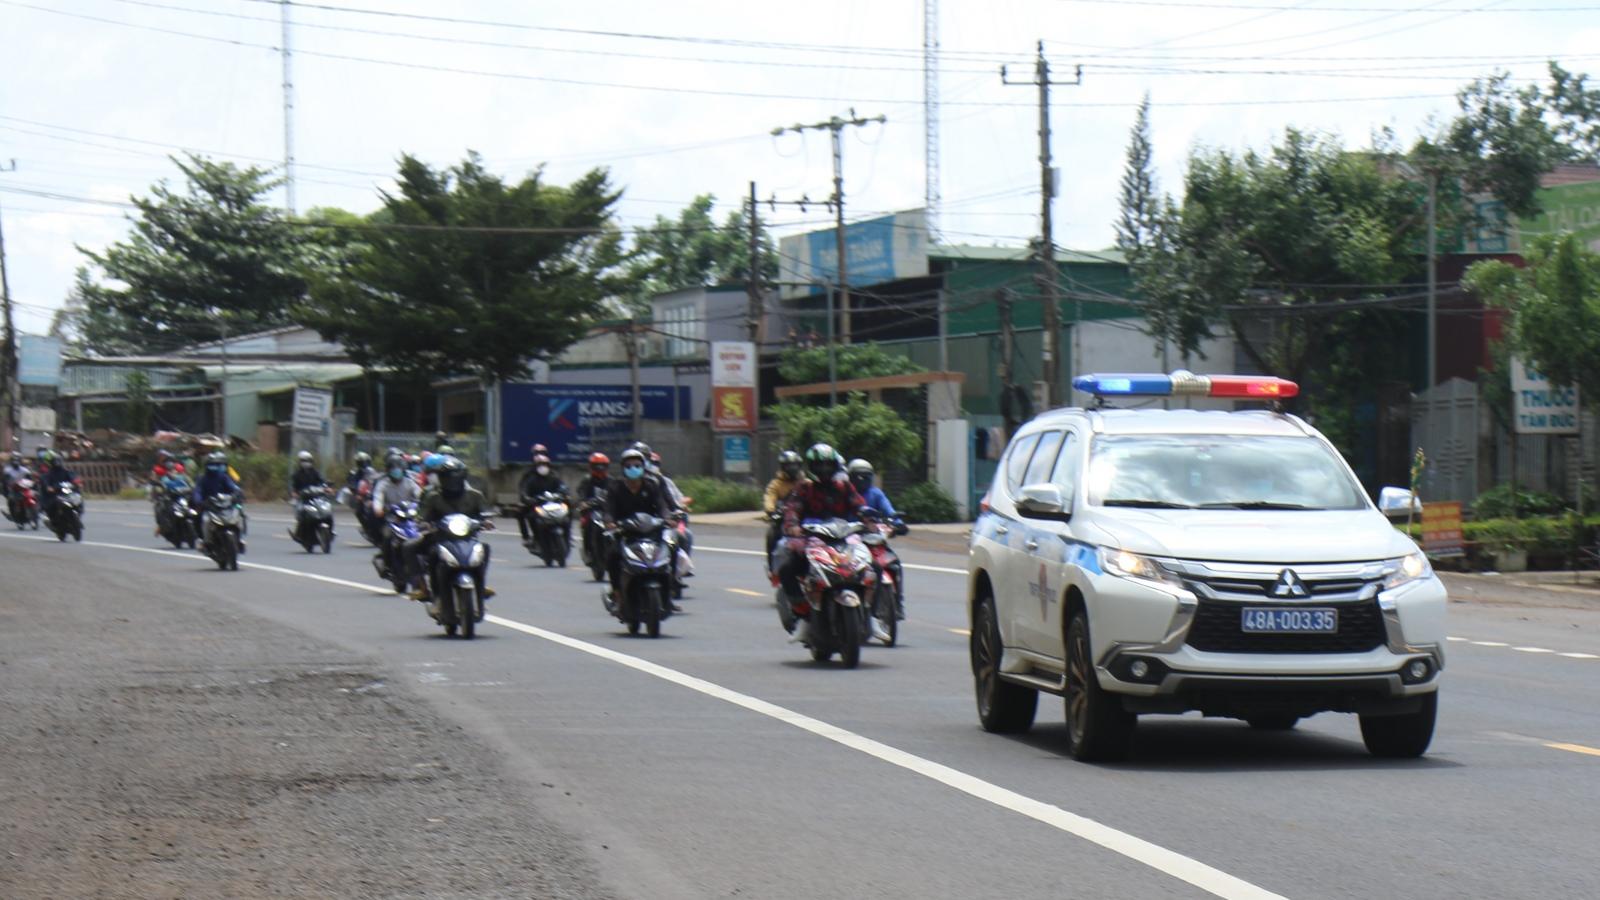 Cục Cảnh sát giao thông: Đảm bảo trật tự an toàn giao thông phục vụ mục tiêu kép